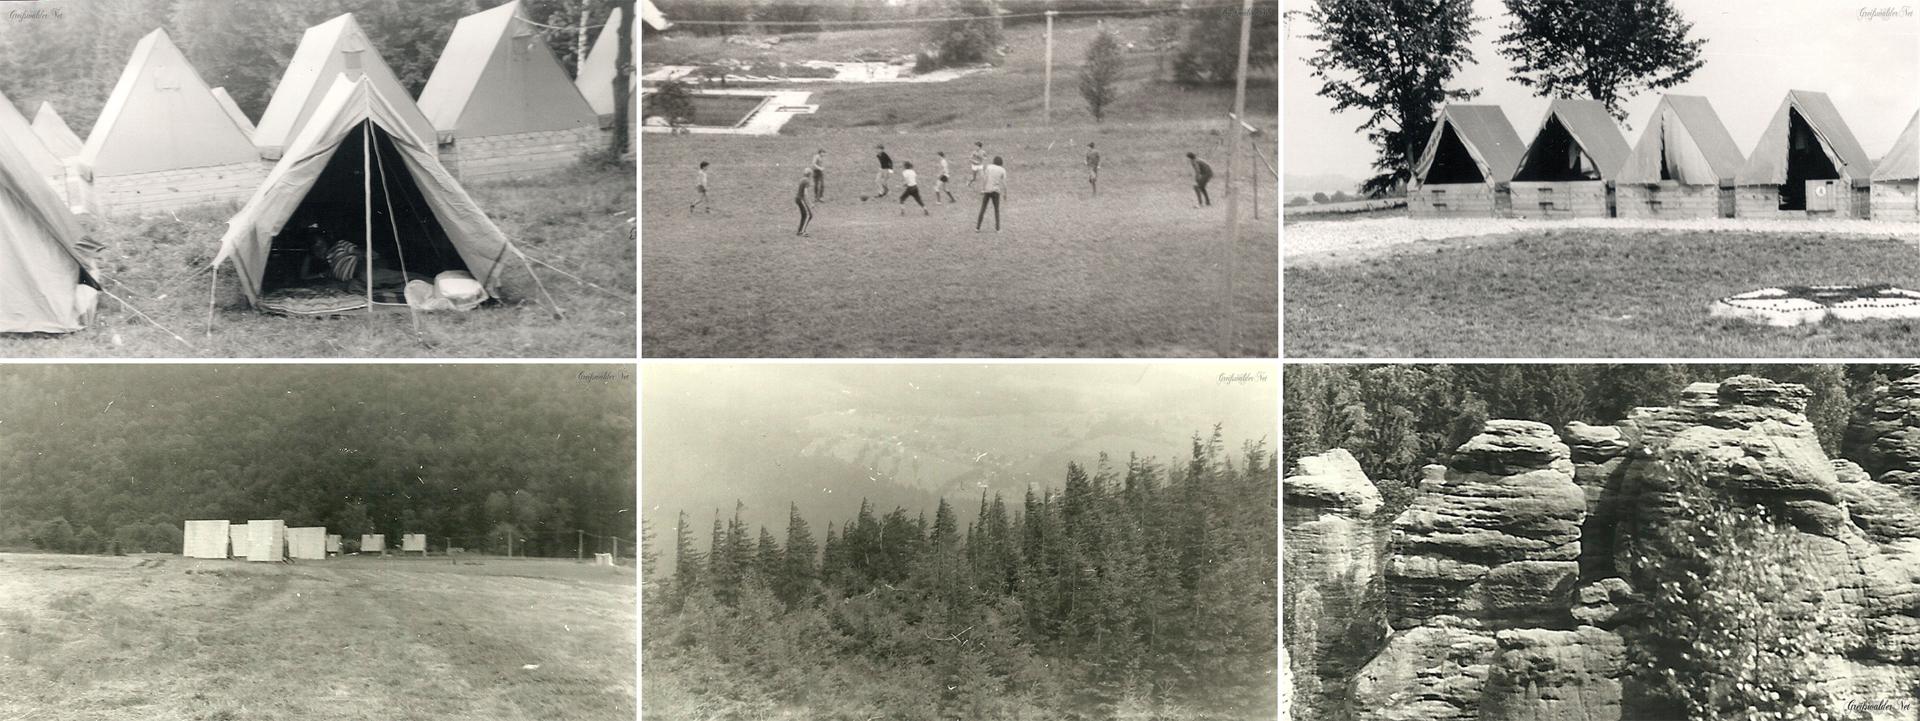 Ferienlager 1975 in der ČSSR